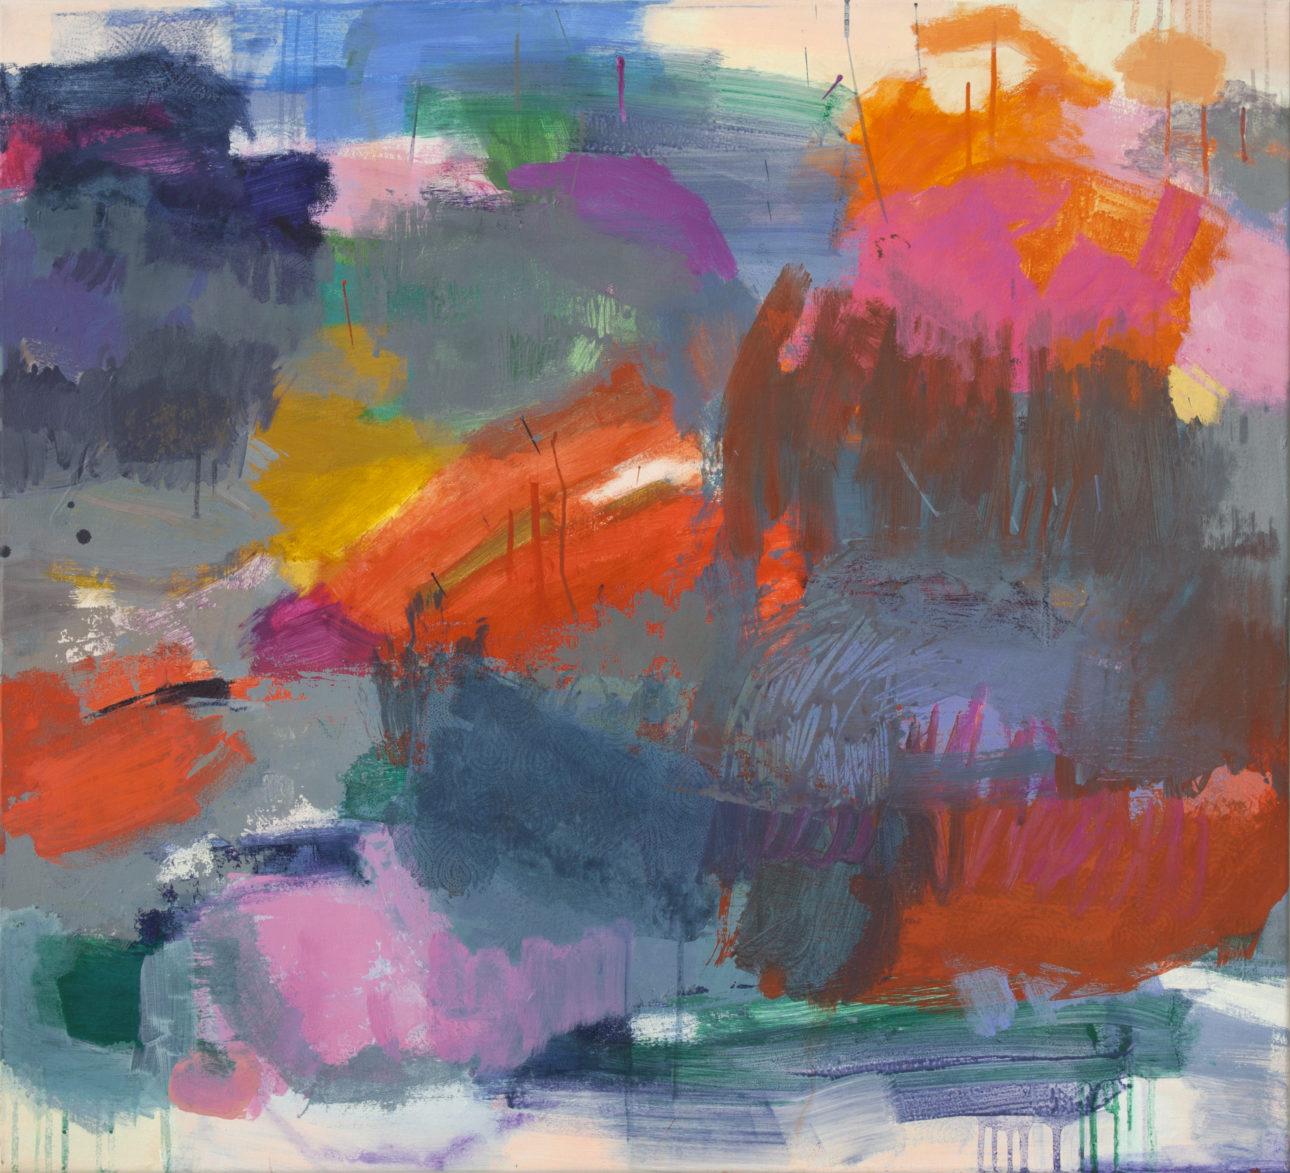 Amerell, Petra_ohne Titel_2019_Pigmnete und Binder auf Leinwand_100 x 110 cm